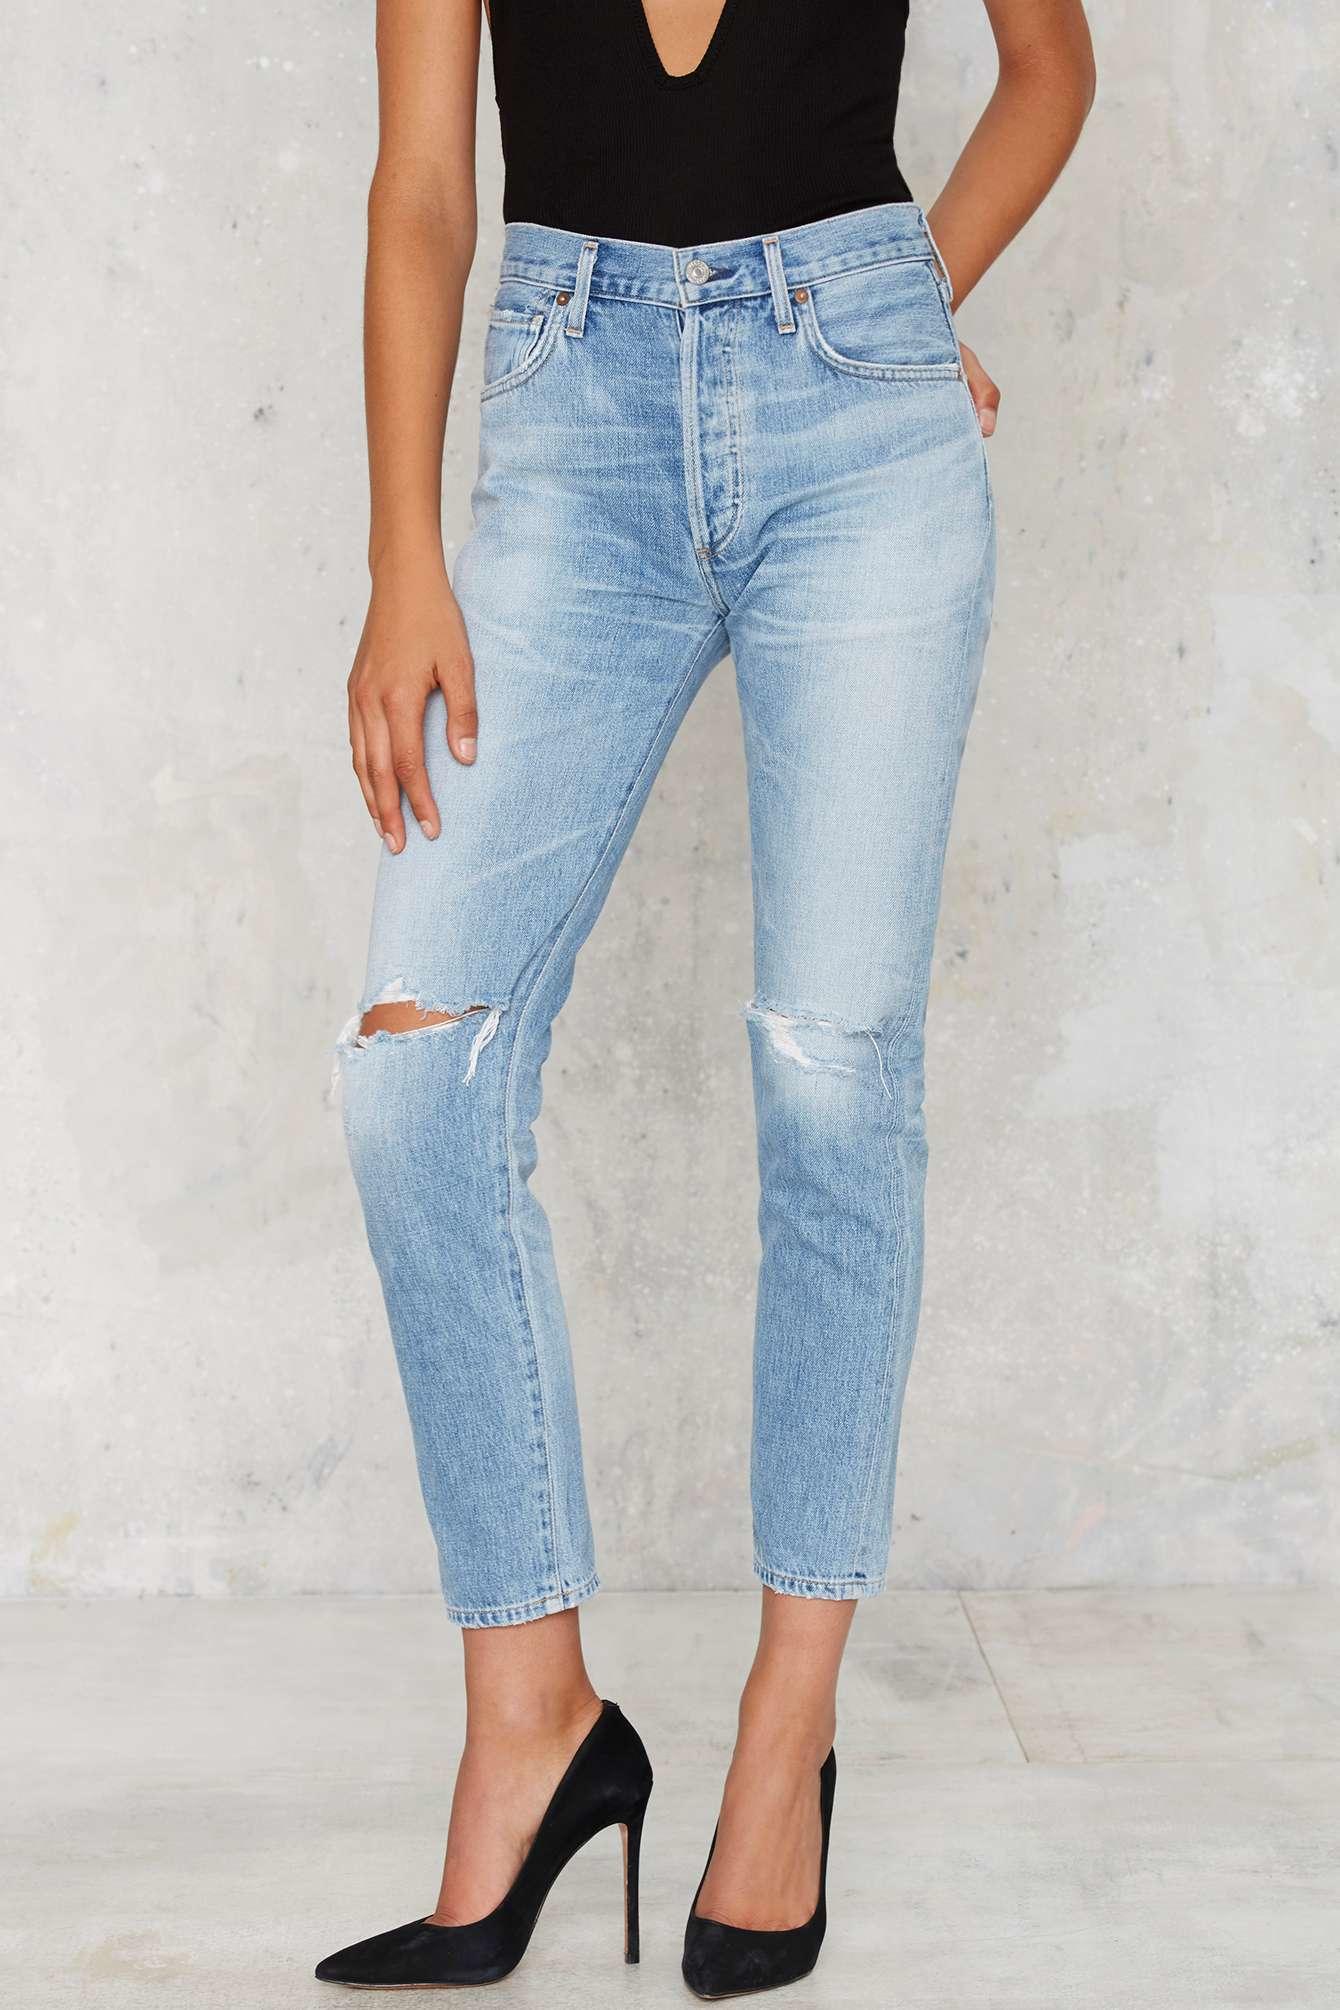 Liya Jeans High Rise Classic Fit Crop (Blau) - Damen Citizens Of Humanity BU2zp